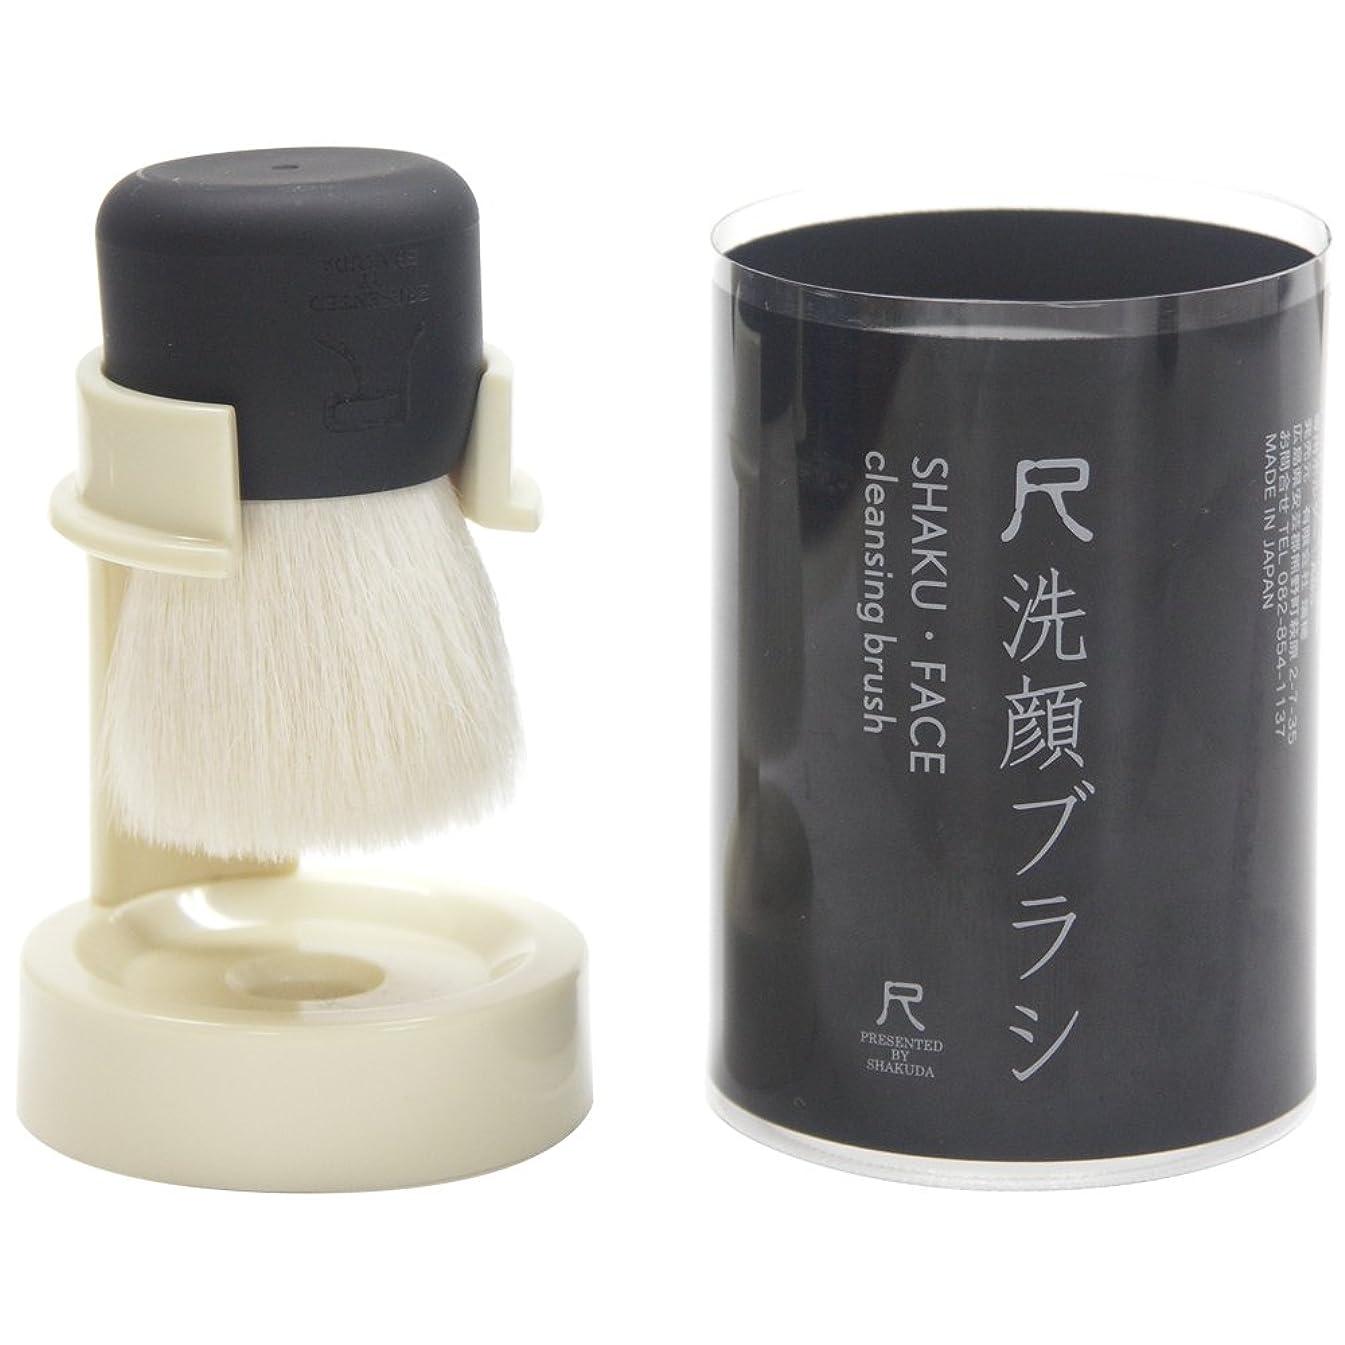 仕方お勧め集中熊野筆 尺 洗顔ブラシ ブラック